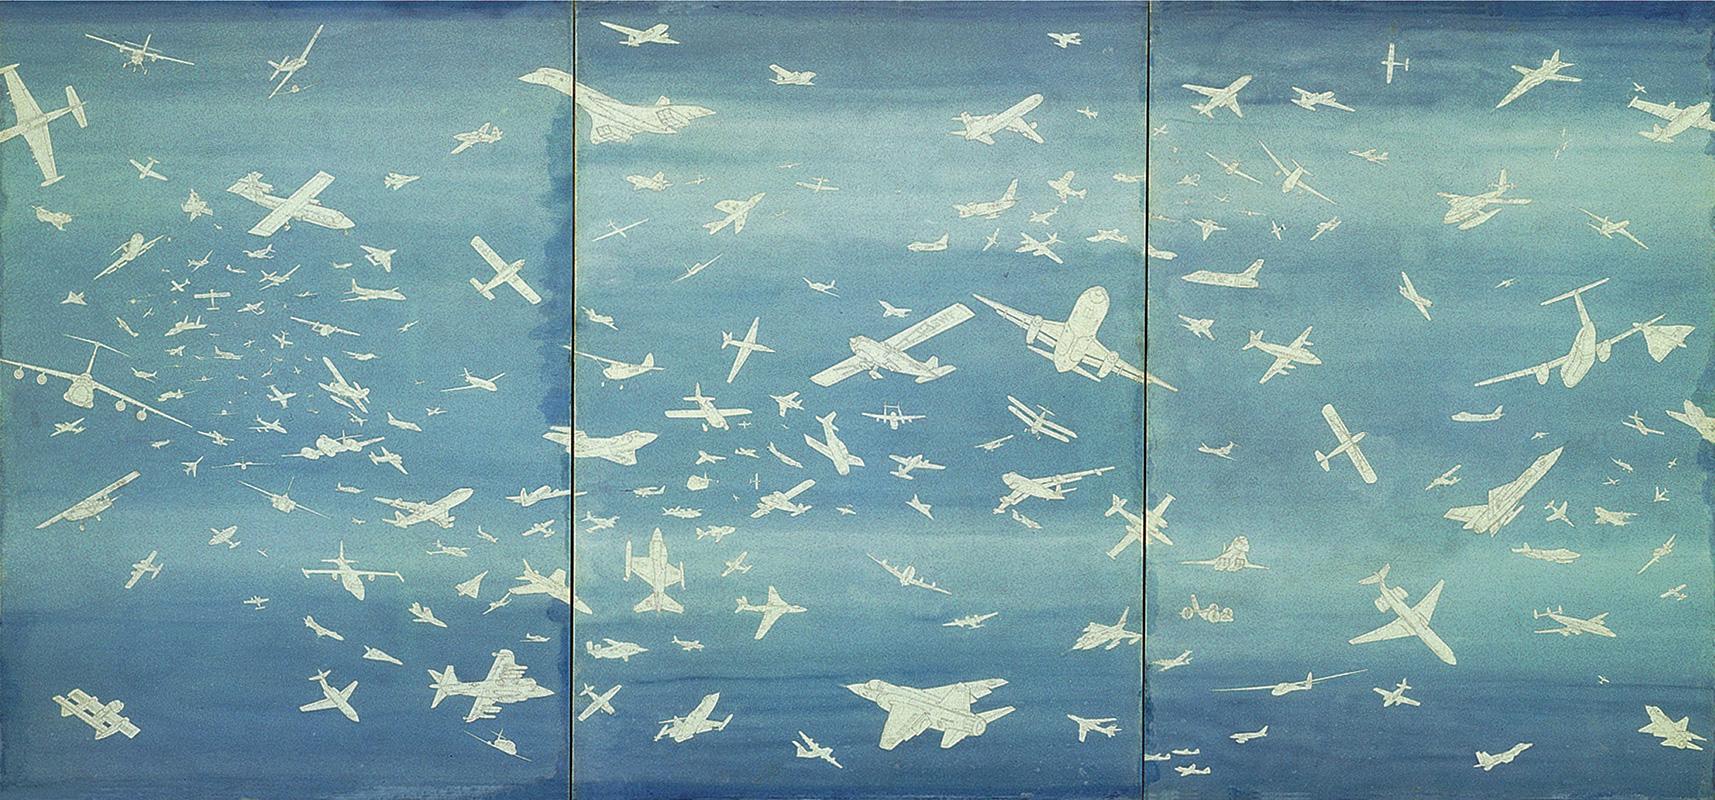 Aerei-1977-matita-e-acquarello-su-carta-cm-26-X-41